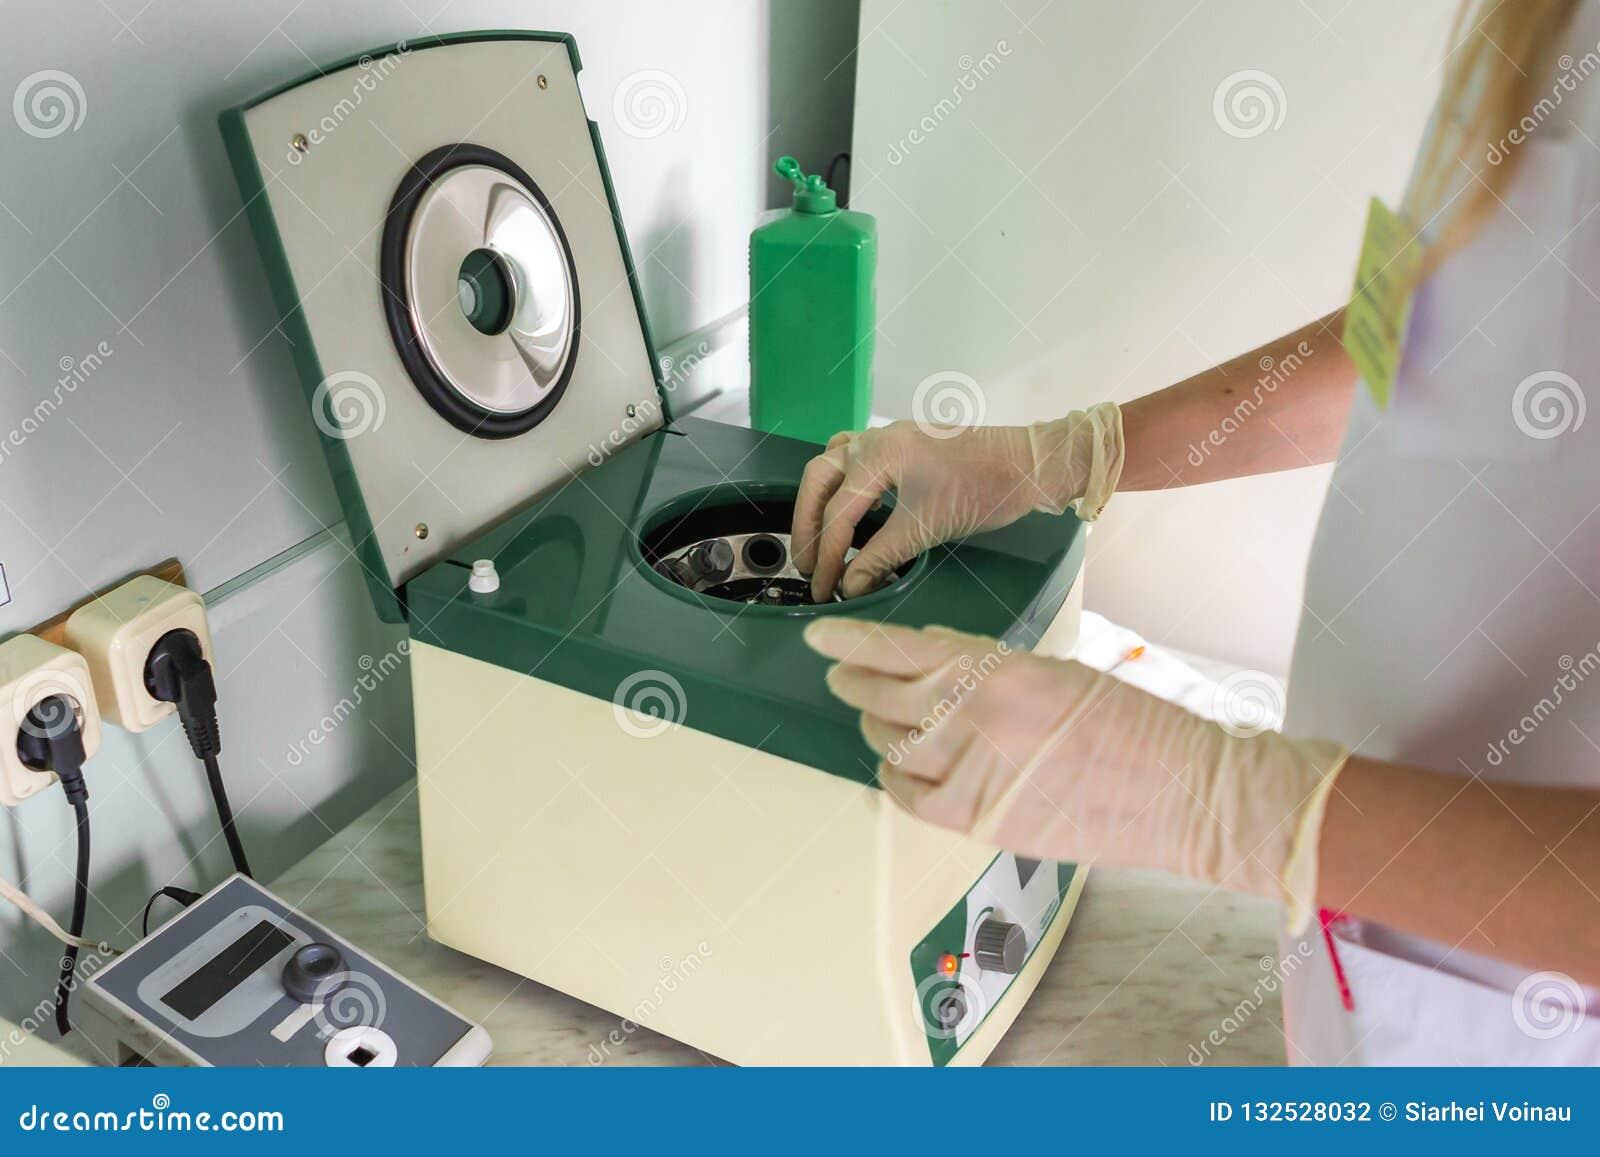 Speciaal, medische apparatuur, reageerbuizen In het Laboratorium Het werk van een arts